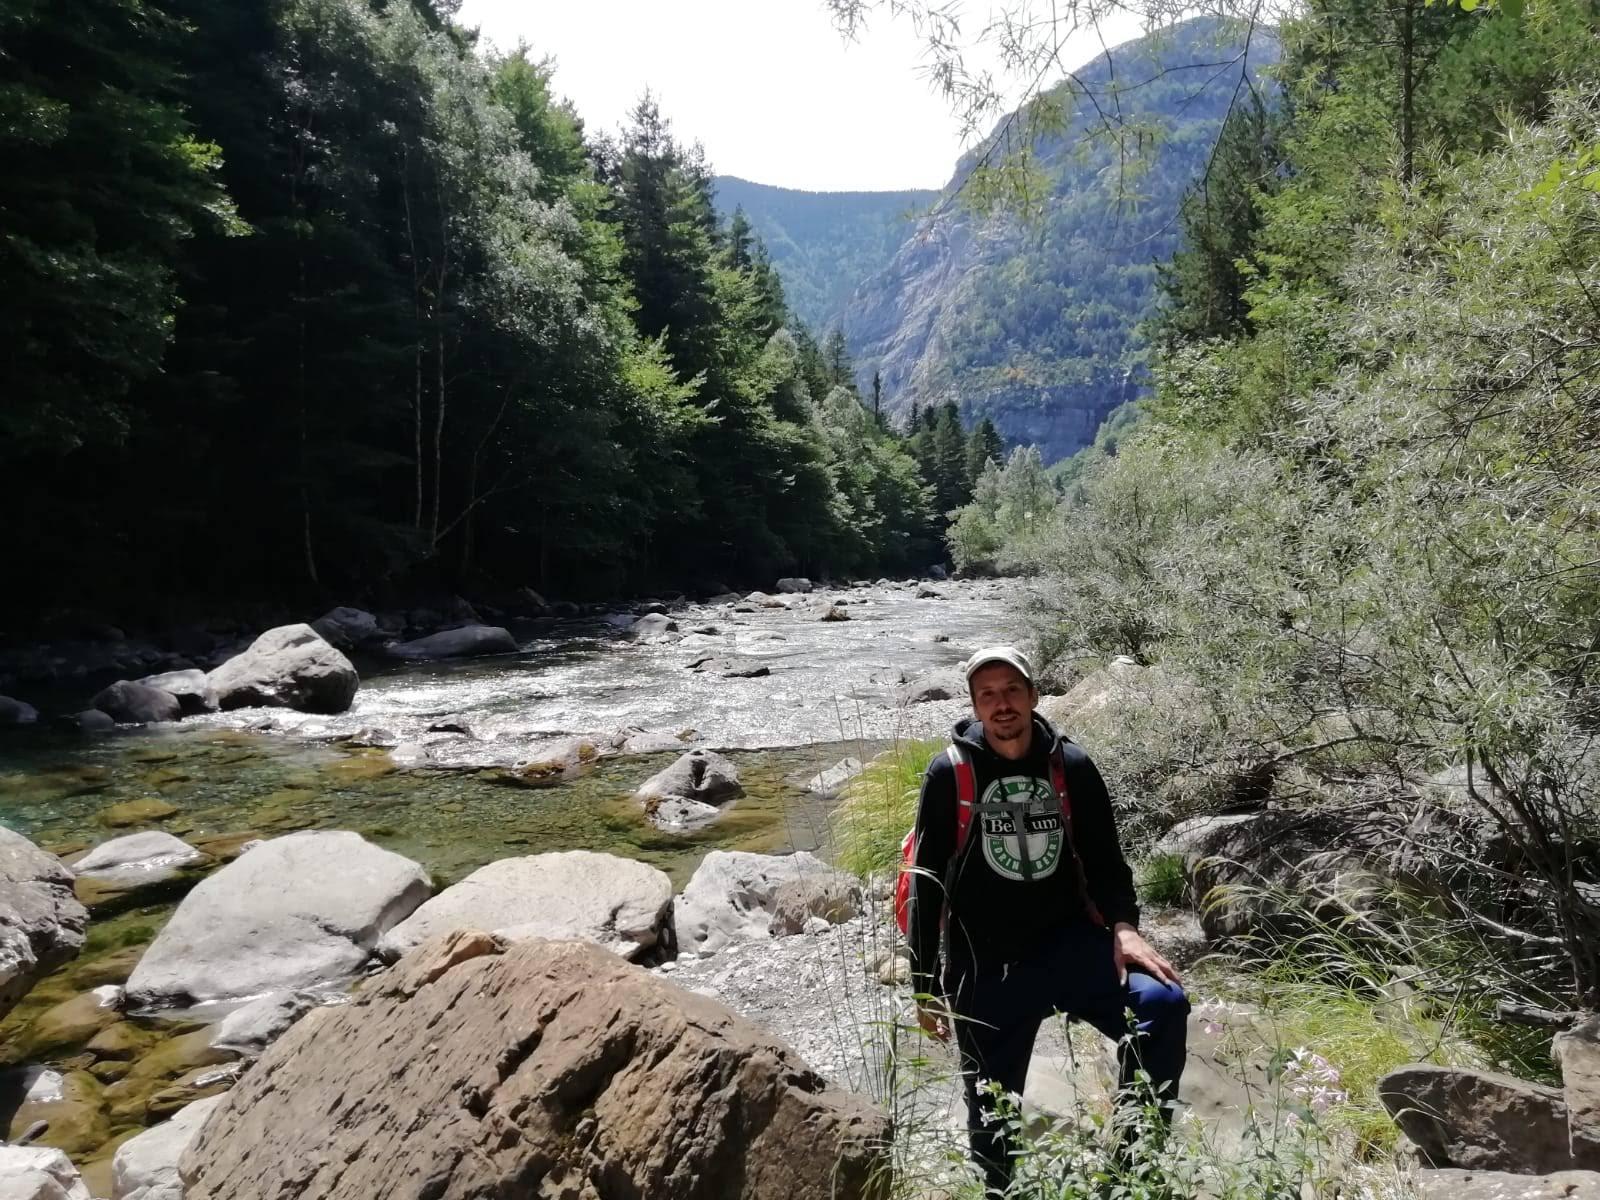 Rieka Ara v španielskych Pyrenejách